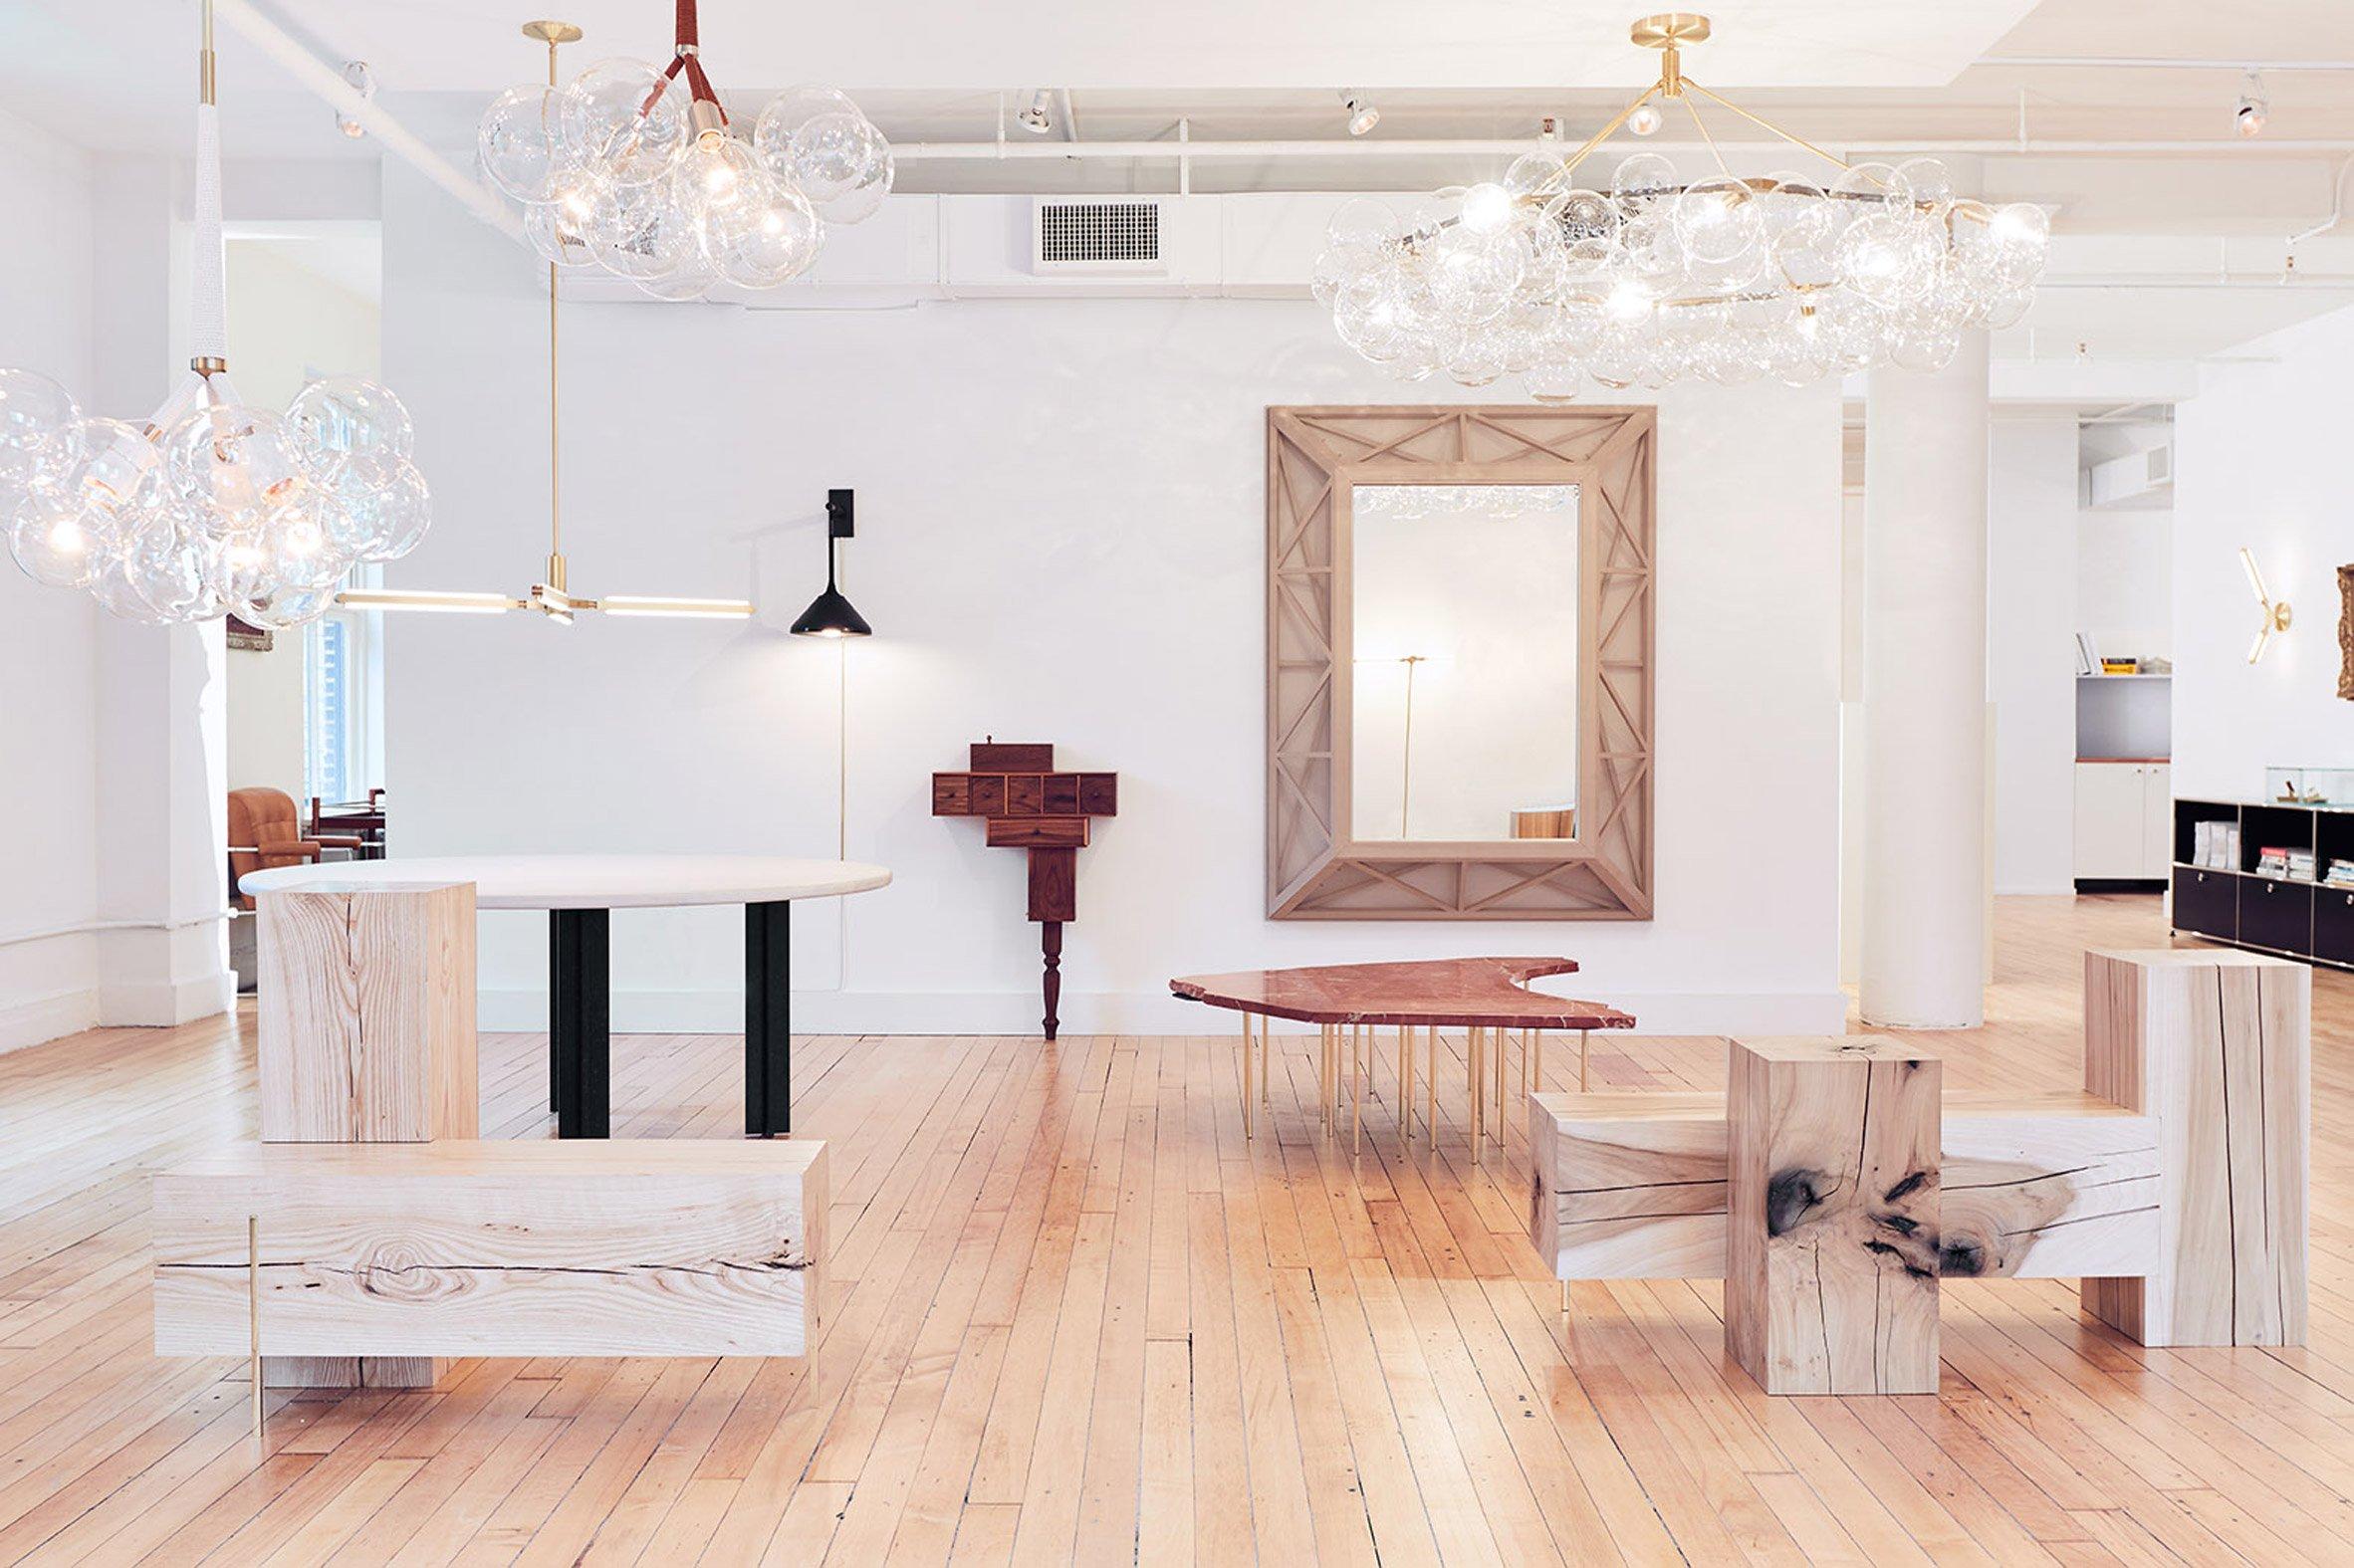 pelle-show-room-new-york-interiors_dezeen_2364_col_6